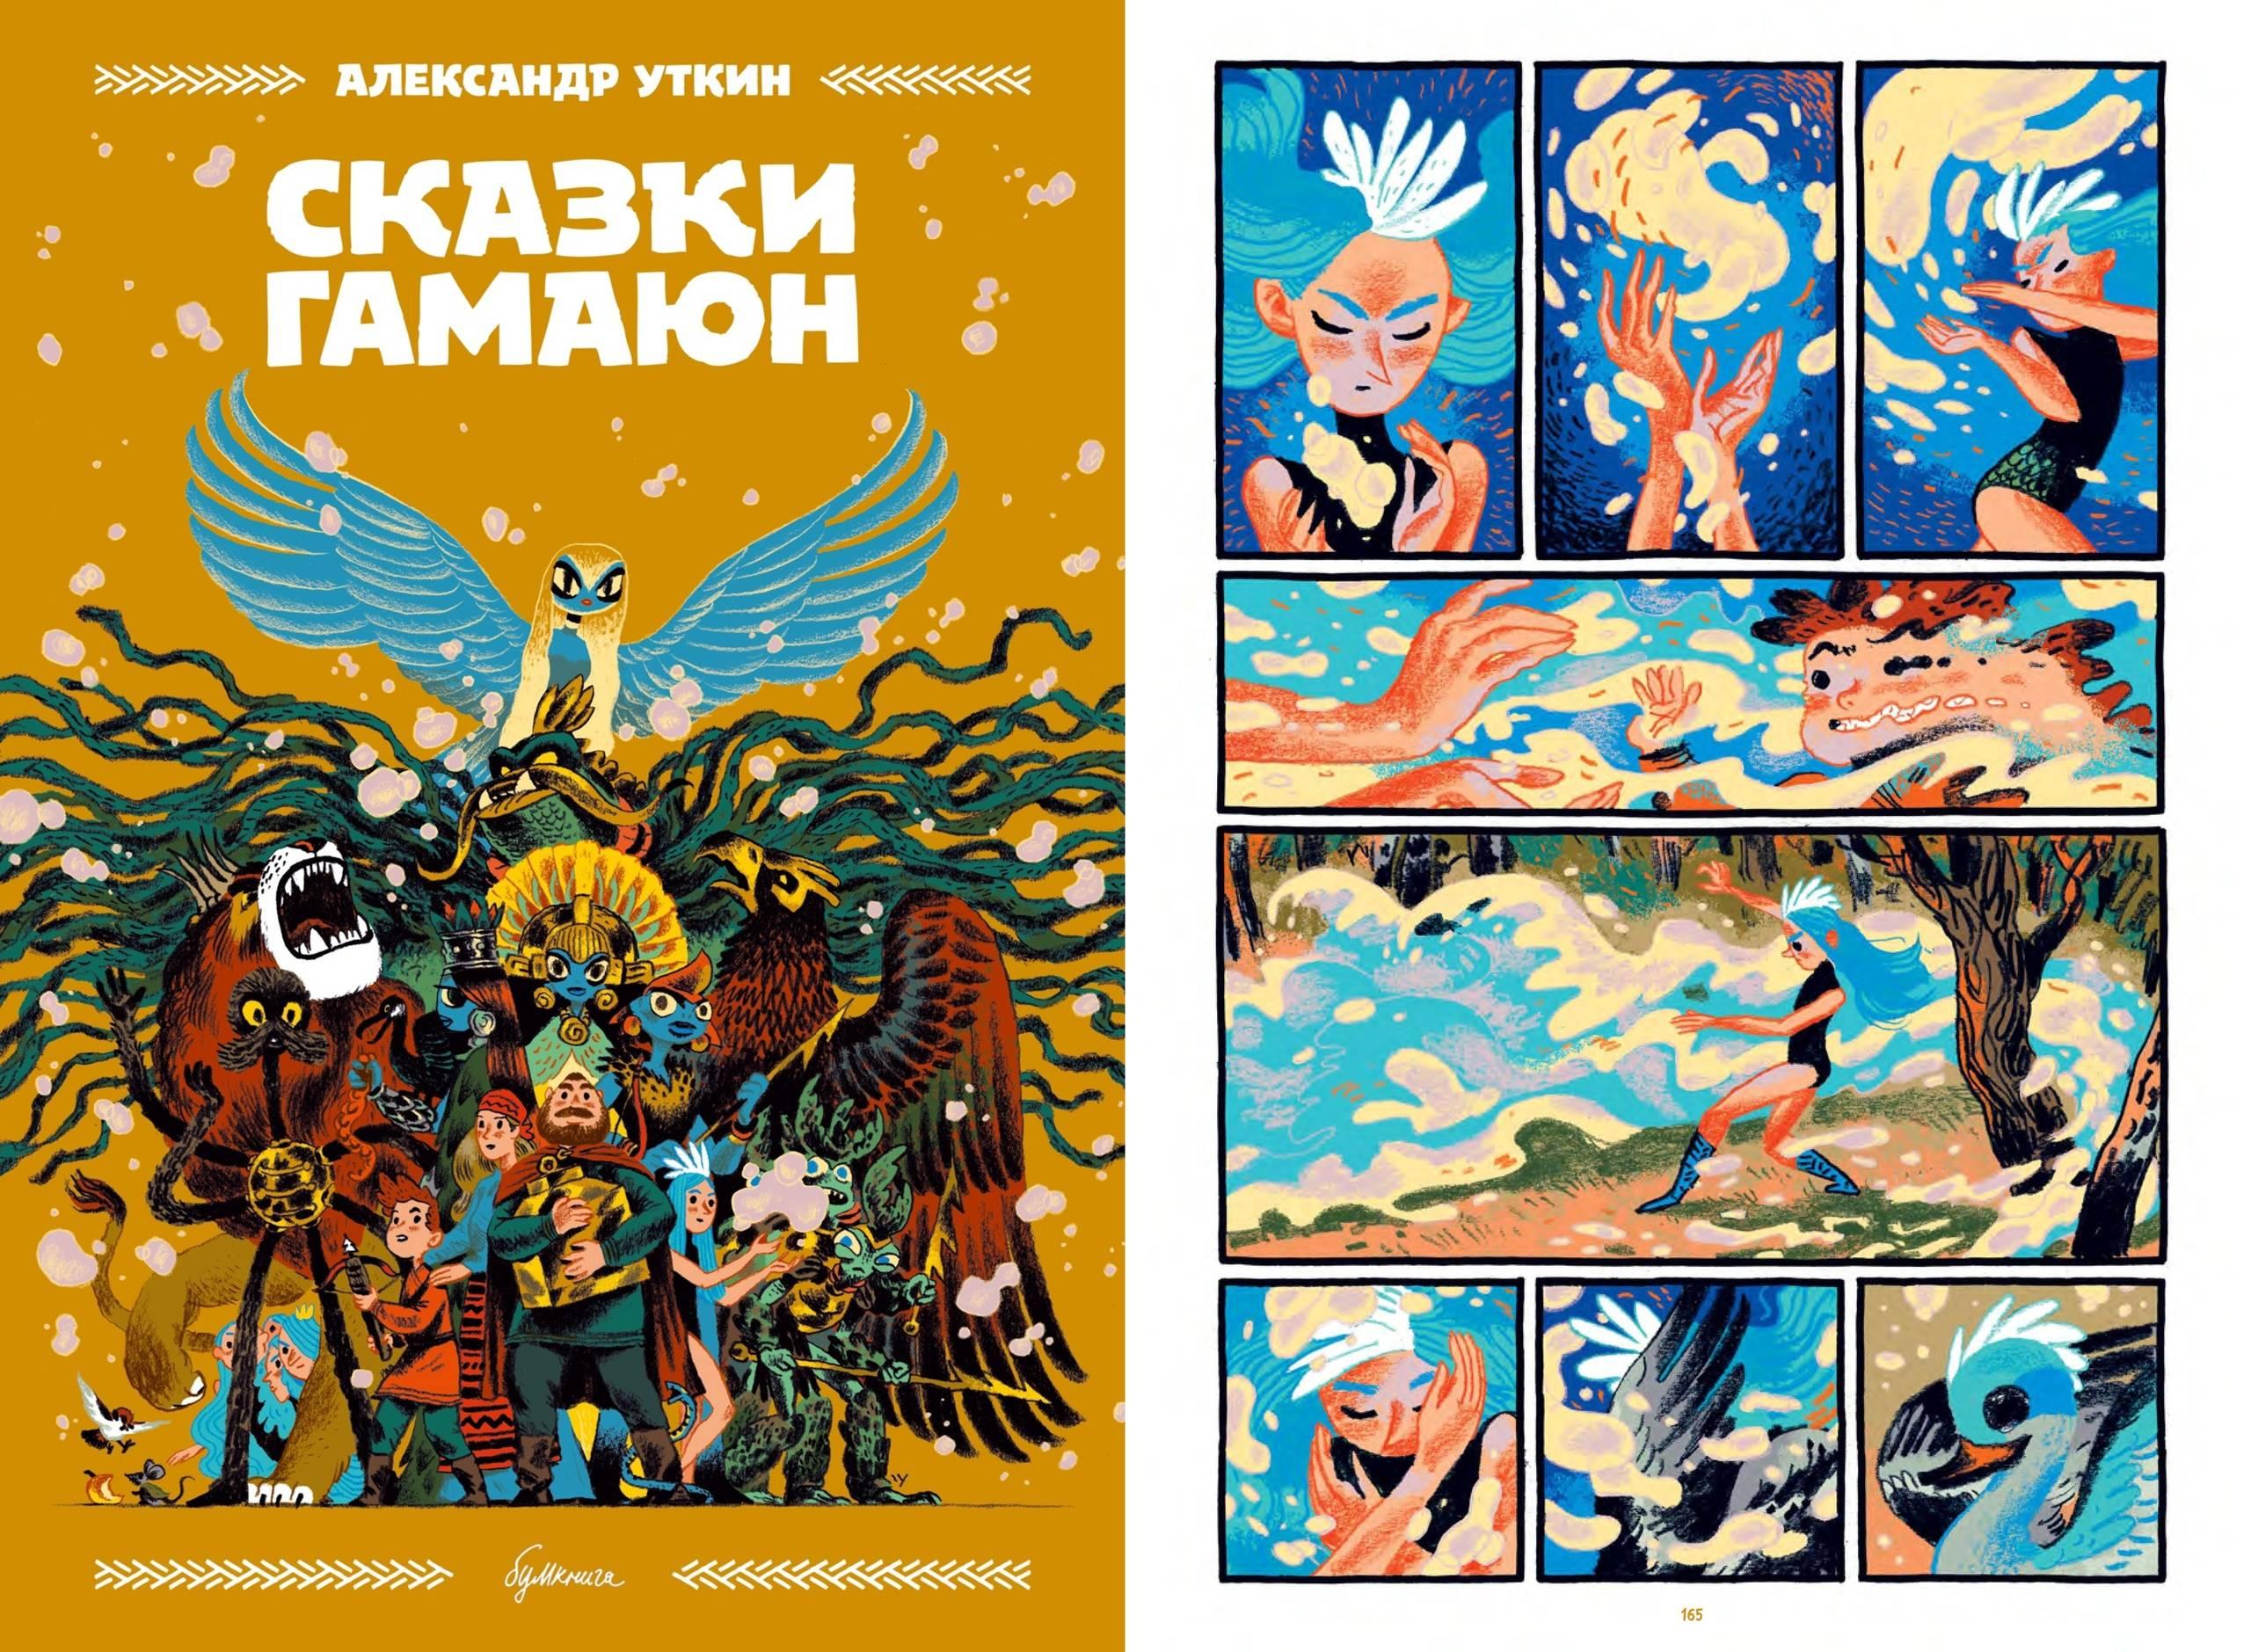 Комикс «Сказки Гамаюн» Александра Уткина номинированы напремию Айснера. Вэтом году они наконец-то выйдут нарусском 1